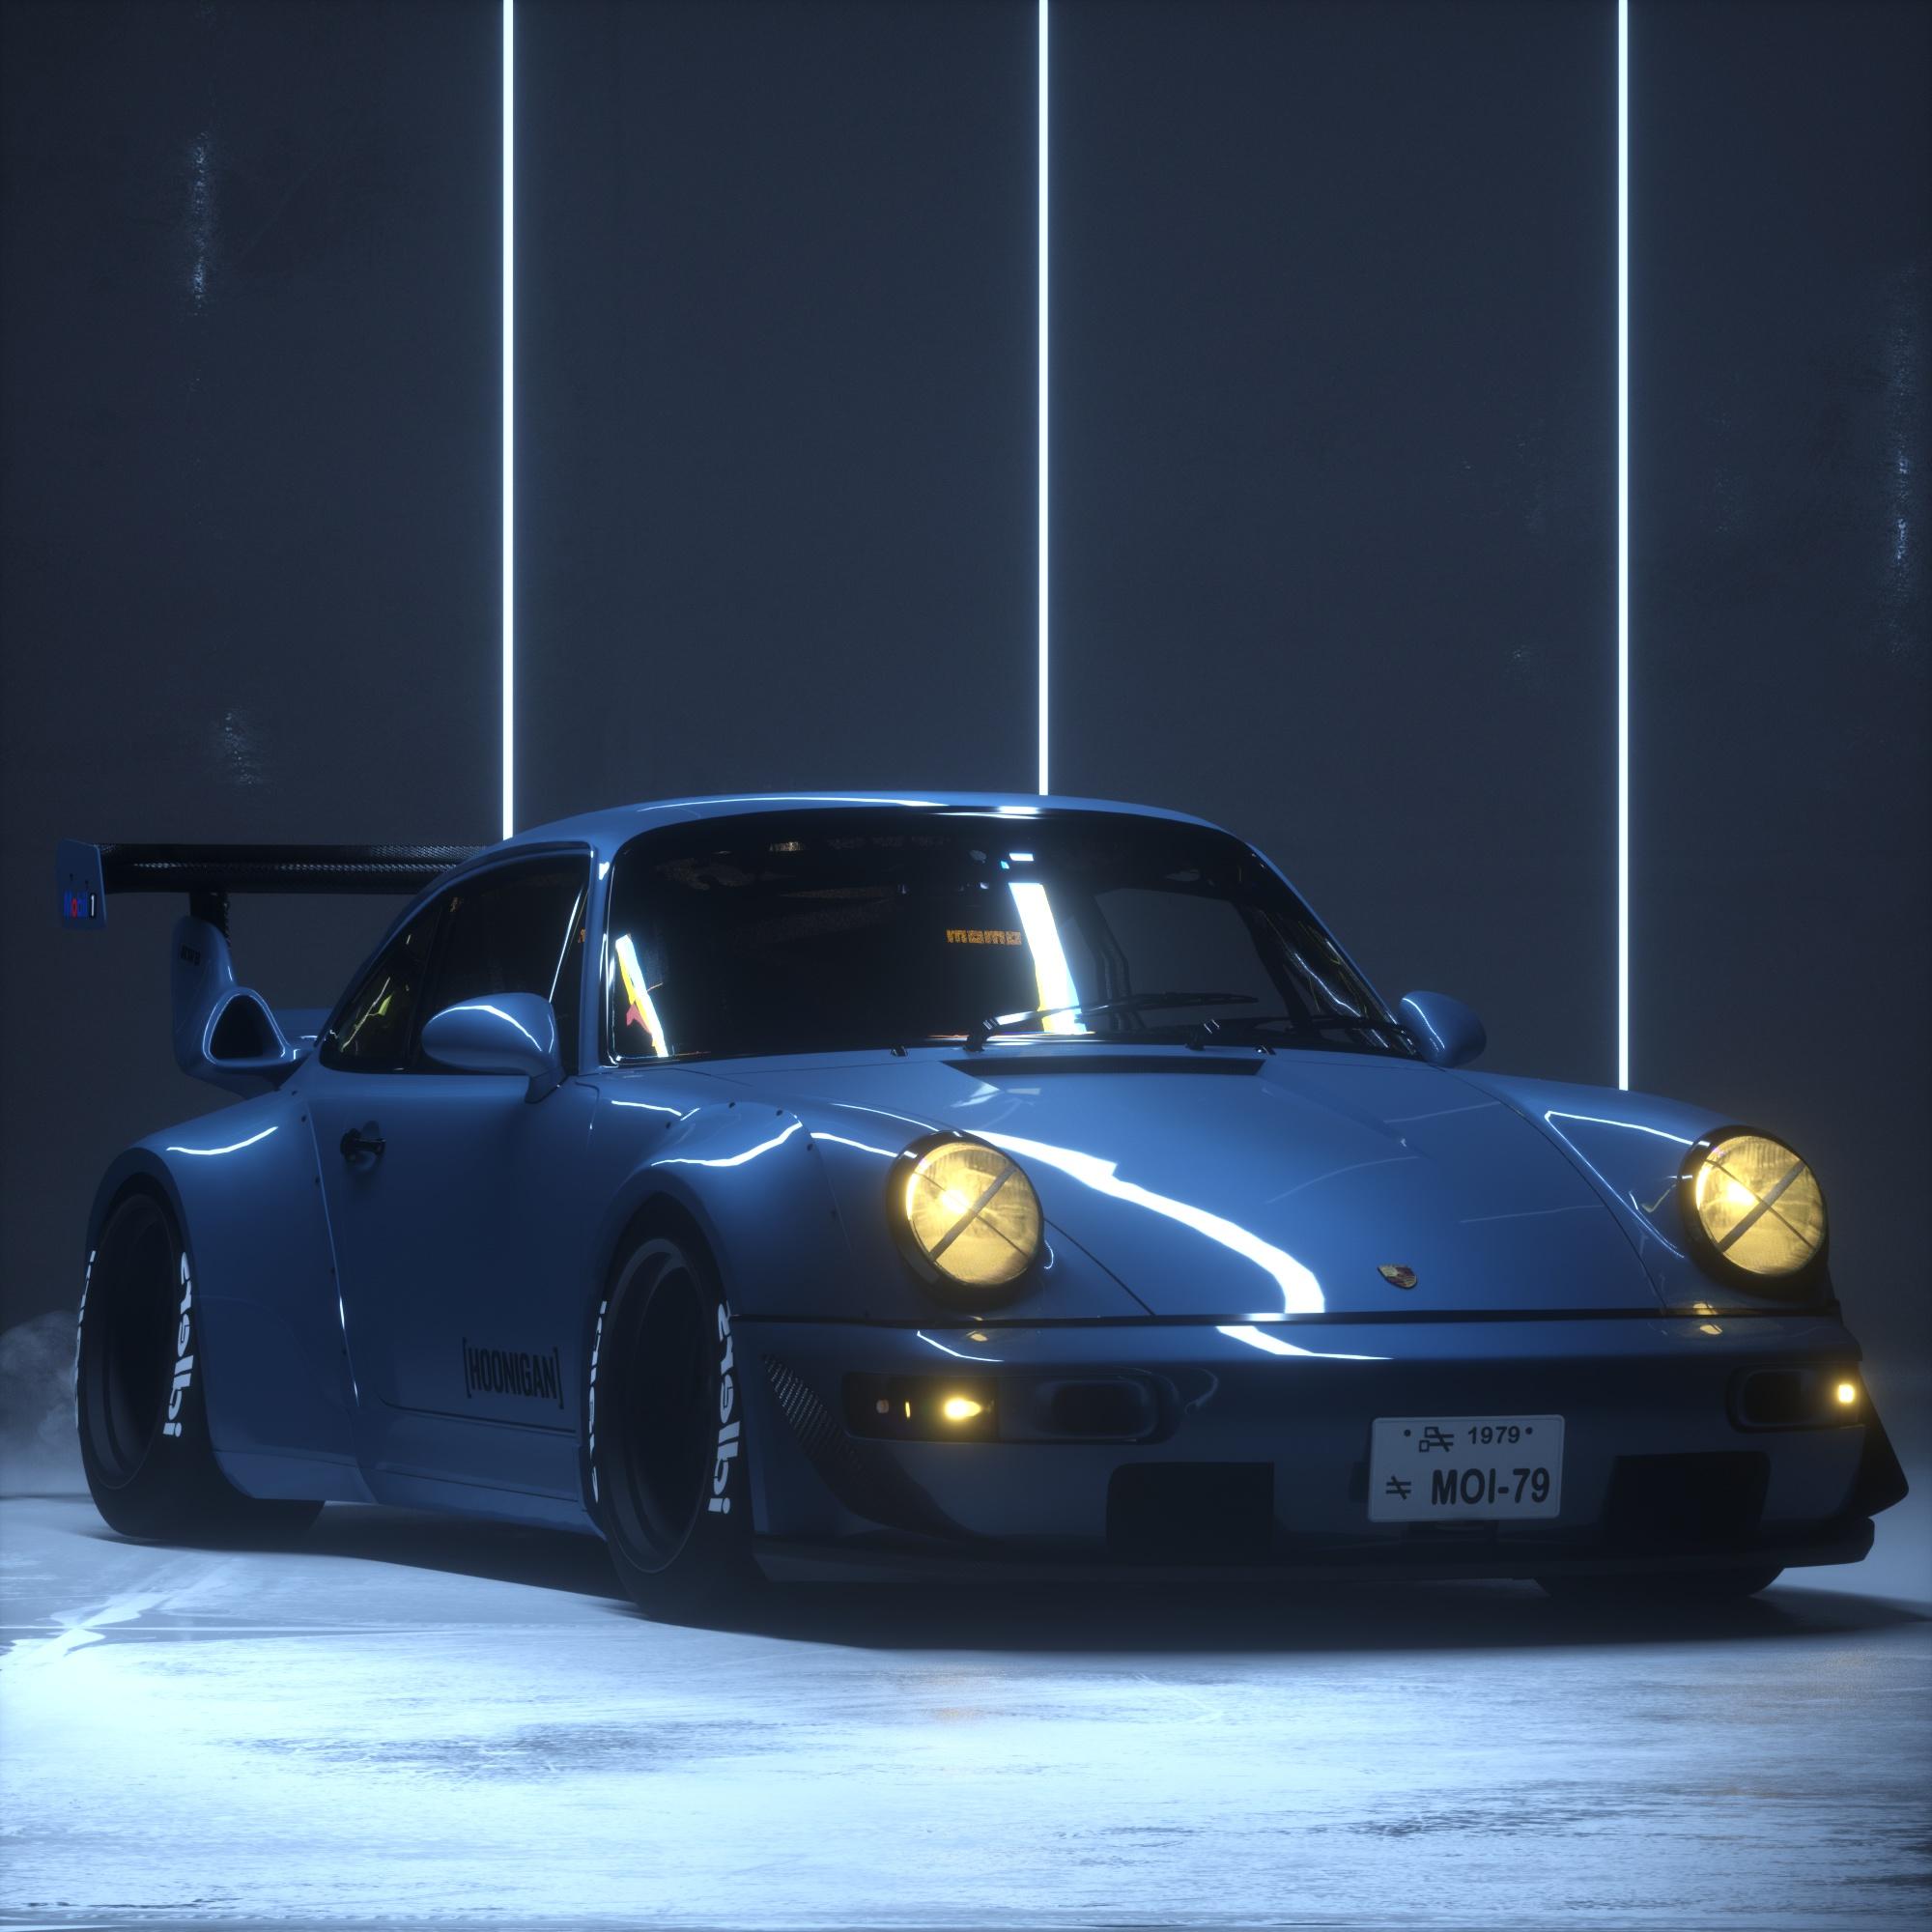 Porsche 911 b